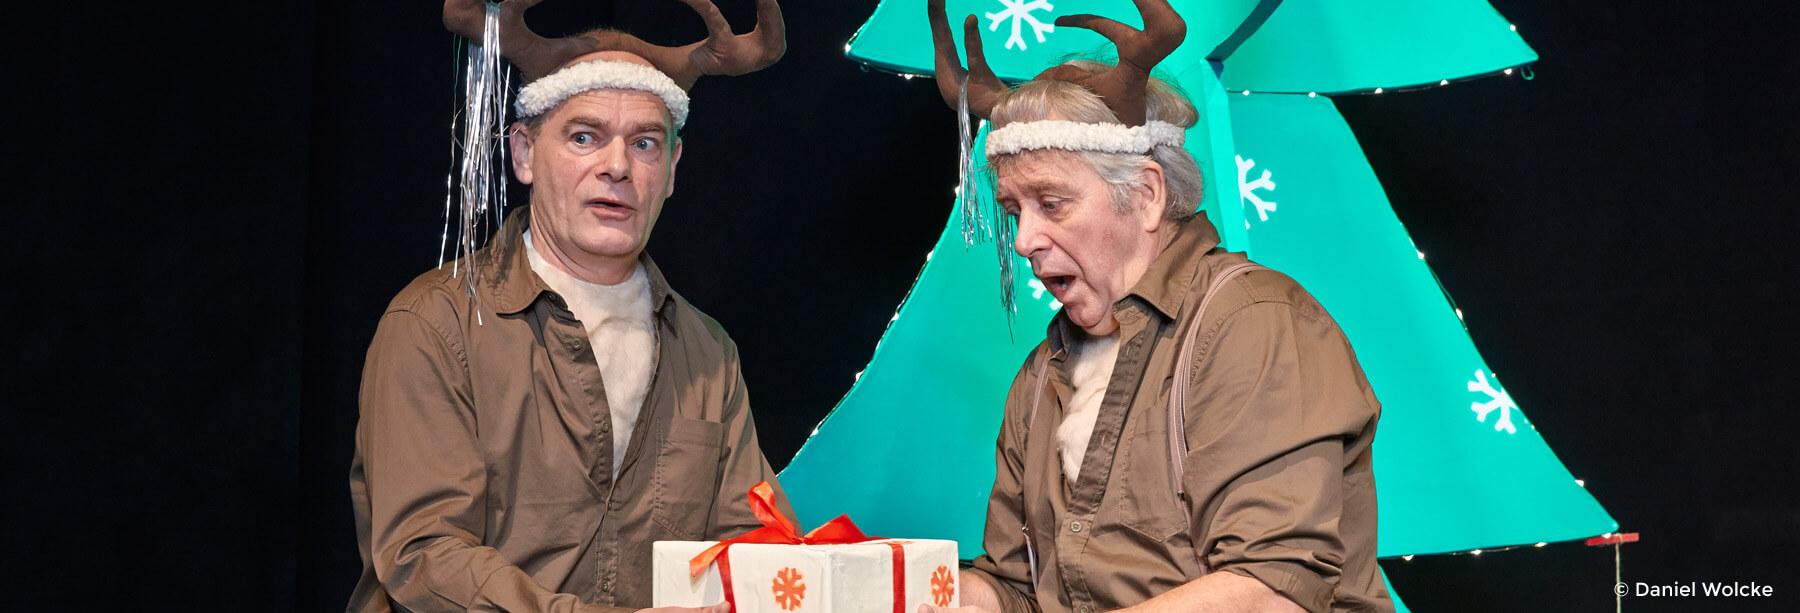 Uwe Schade und Peter Markhoff halten ein Geschenk in den Händen